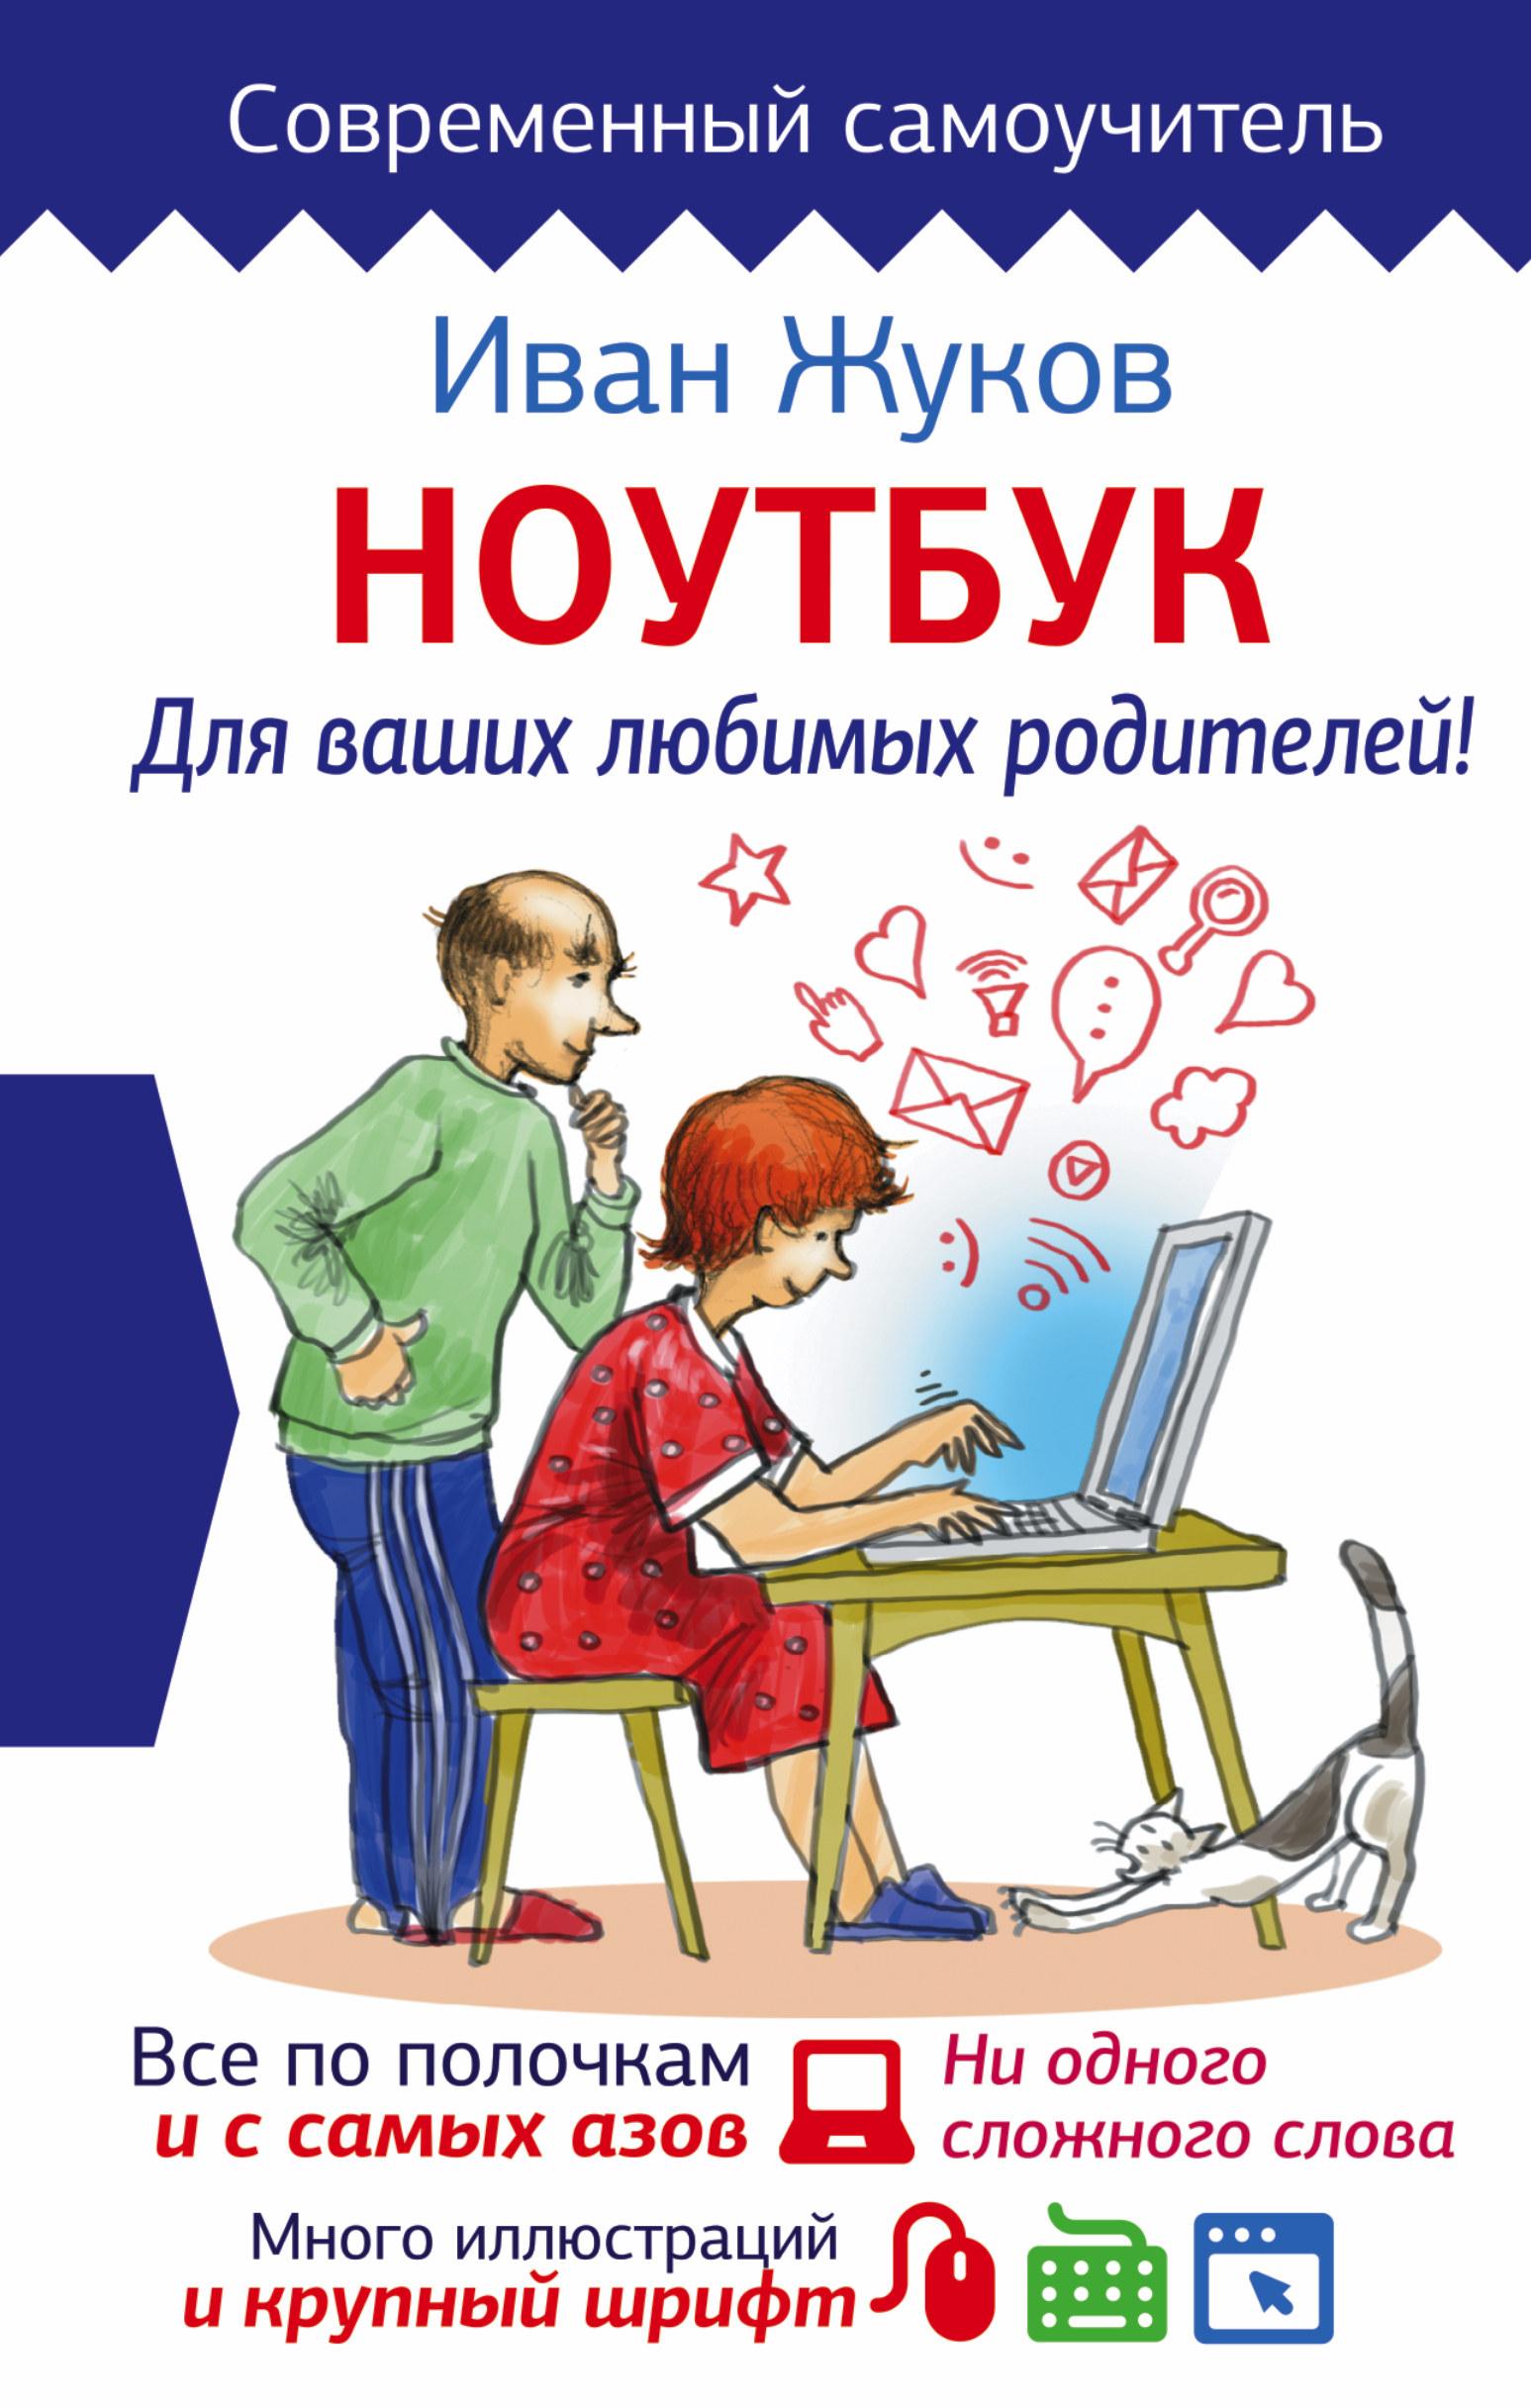 Ноутбук для ваших любимых родителей ( Жуков Иван  )